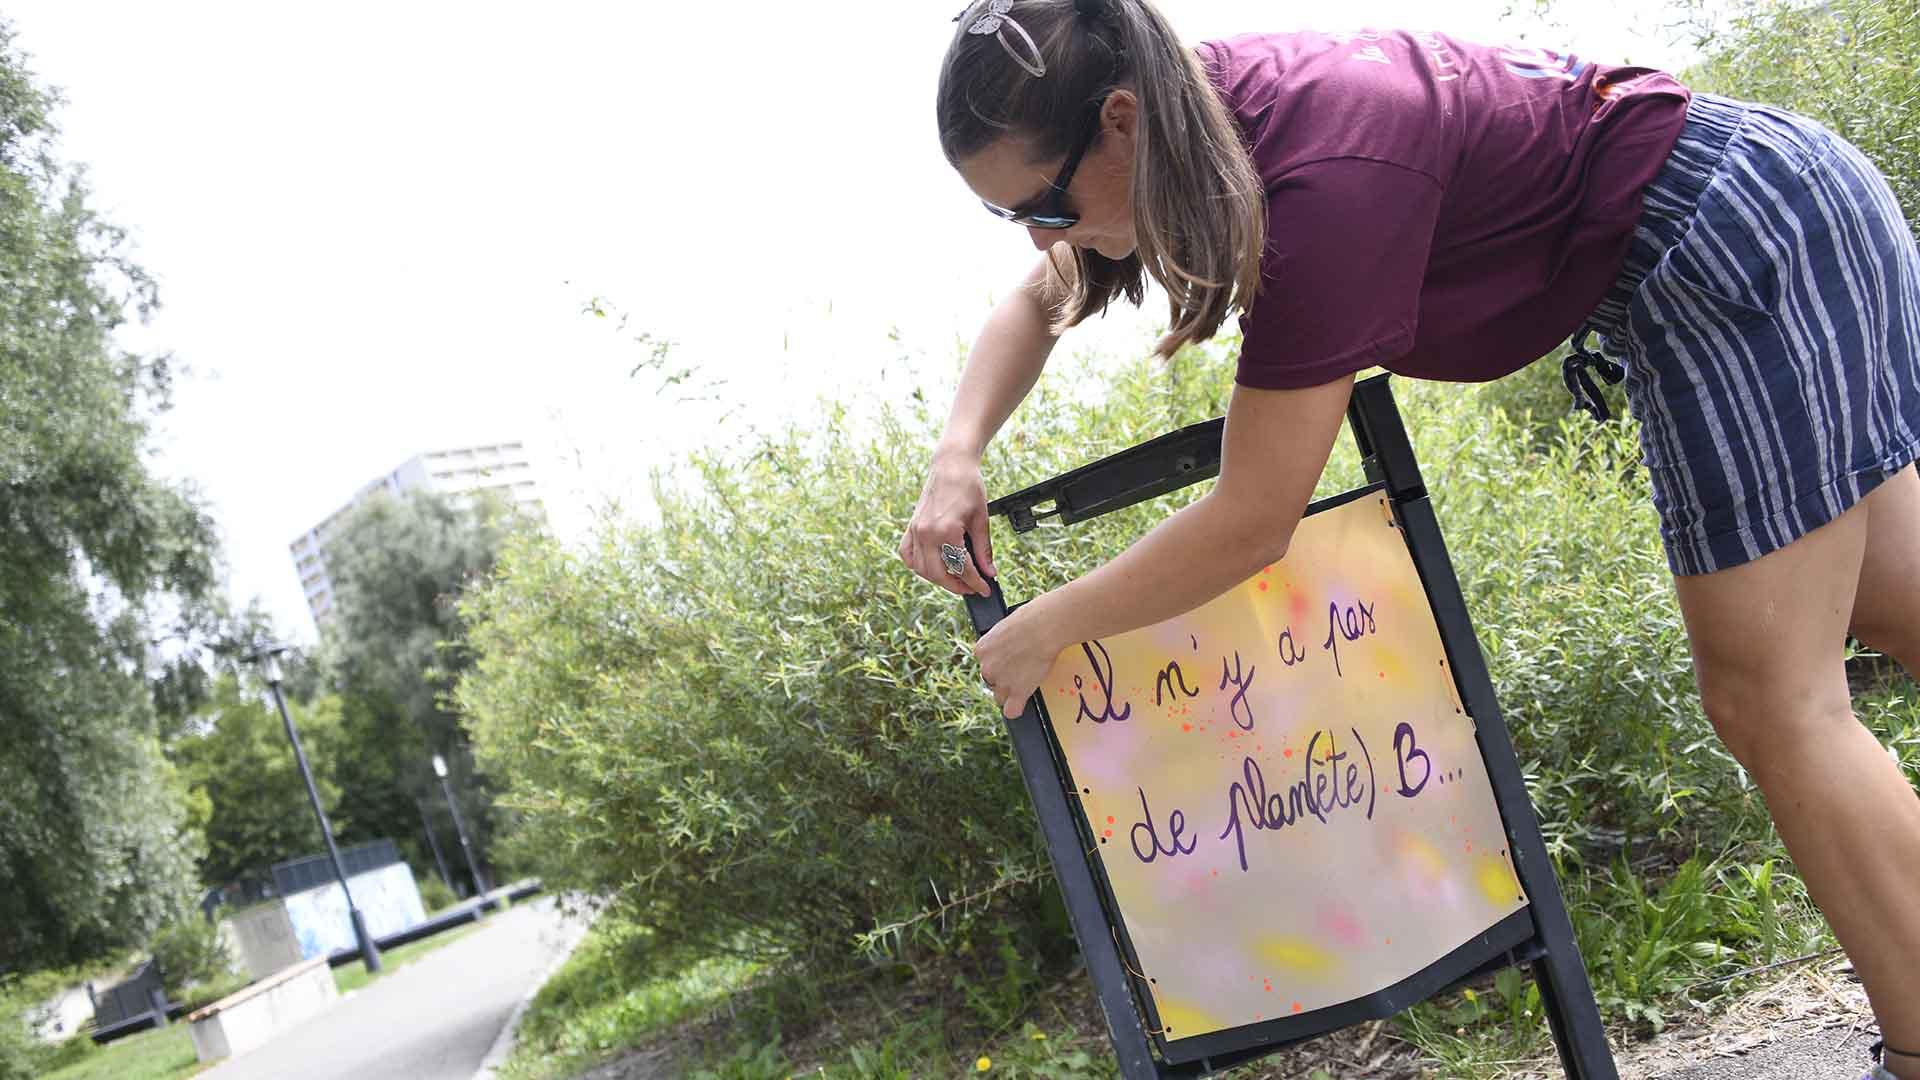 Aux Coteaux les poubelles vous interpellent - Transmettre un message incitatif